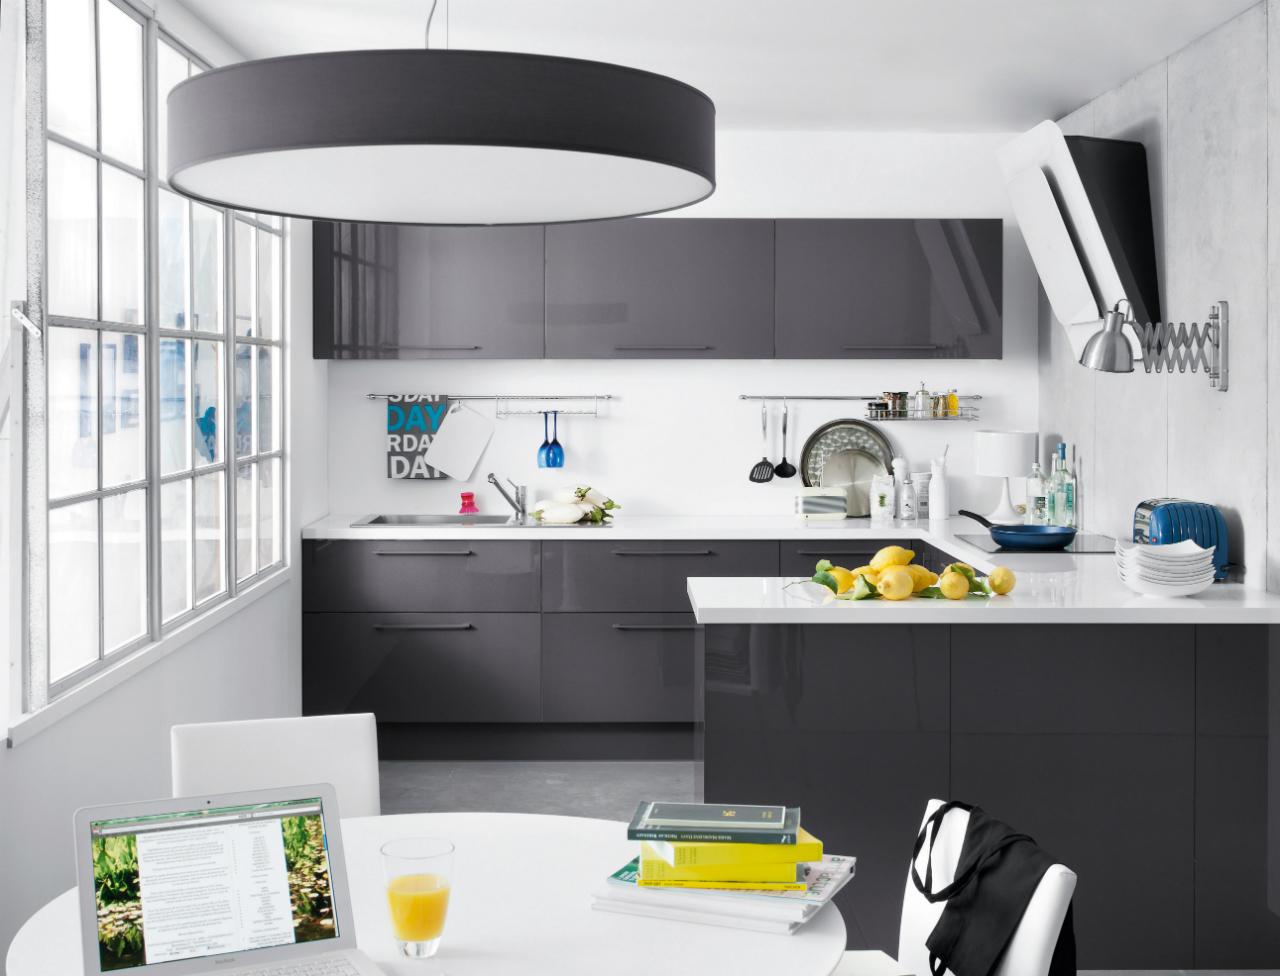 Meuble cuisine gris laqué ikea - Idée pour cuisine